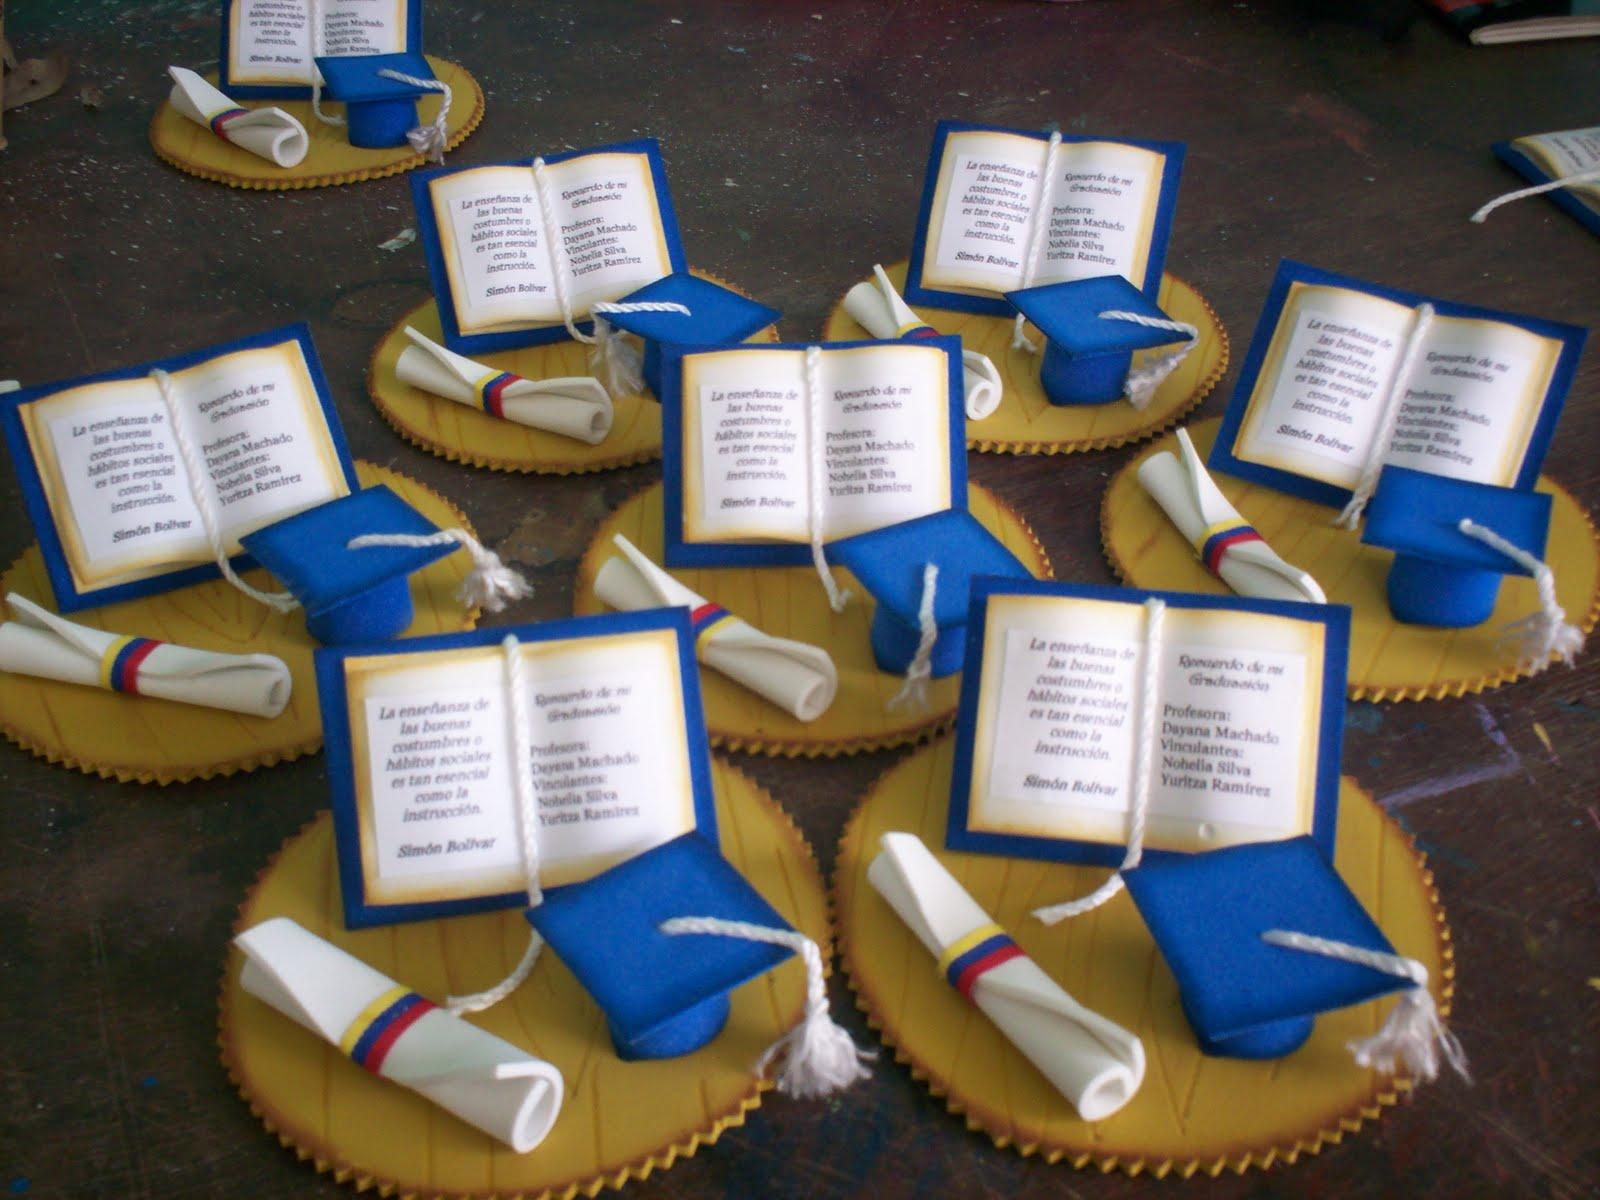 Recuerdos en foami con molde gratis graduación kinder - Imagui